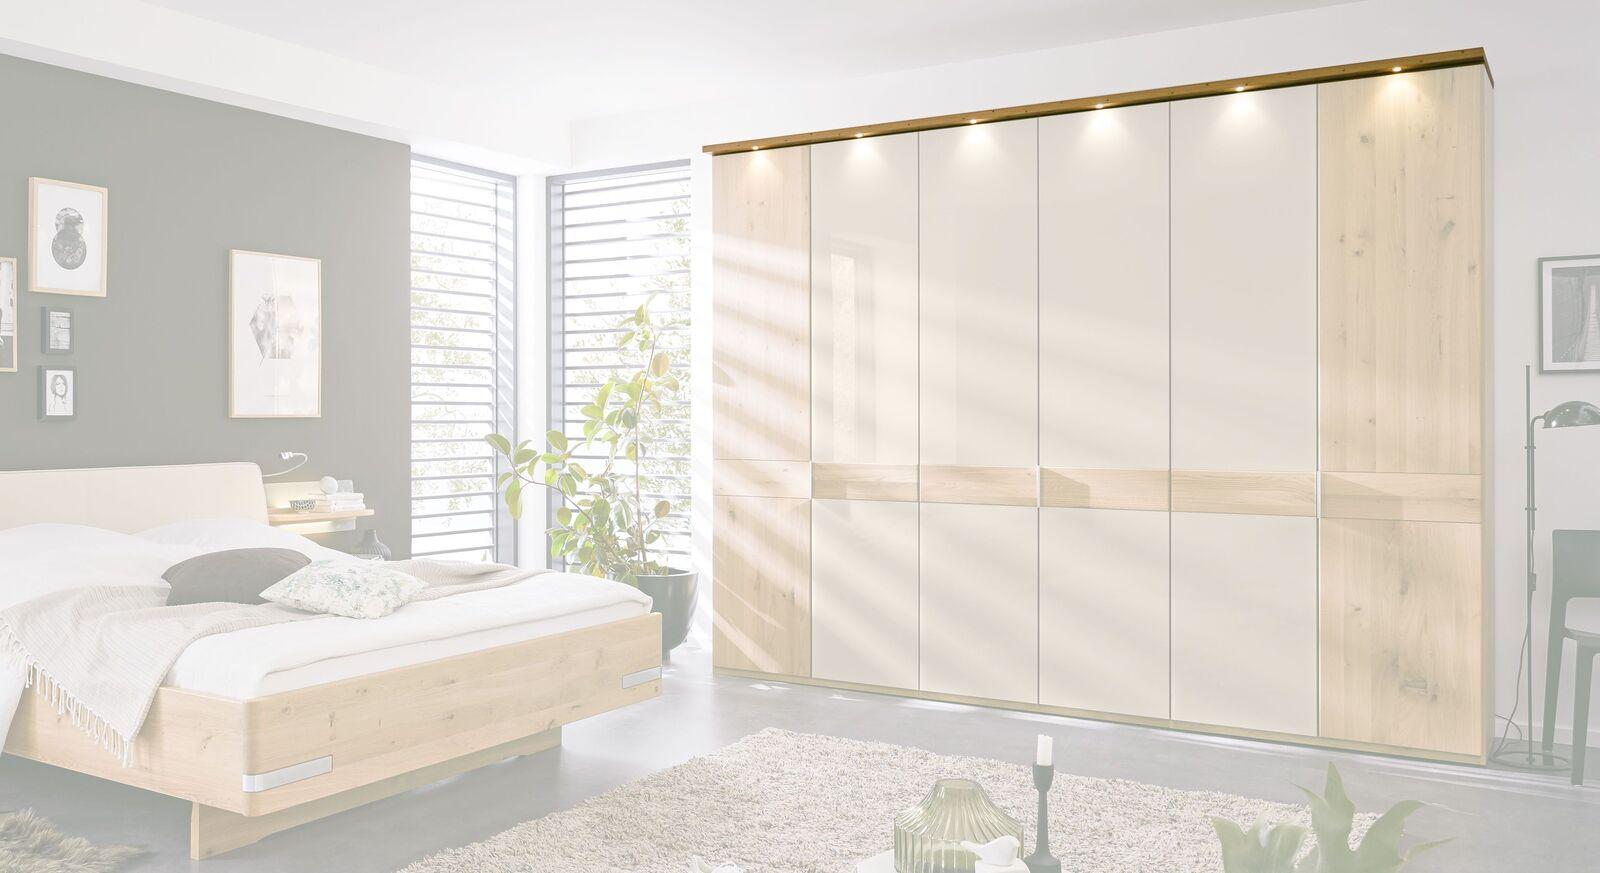 MUSTERRING Kranzleiste für Drehtüren-Kleiderschrank Savona 2.0 mit Beleuchtung